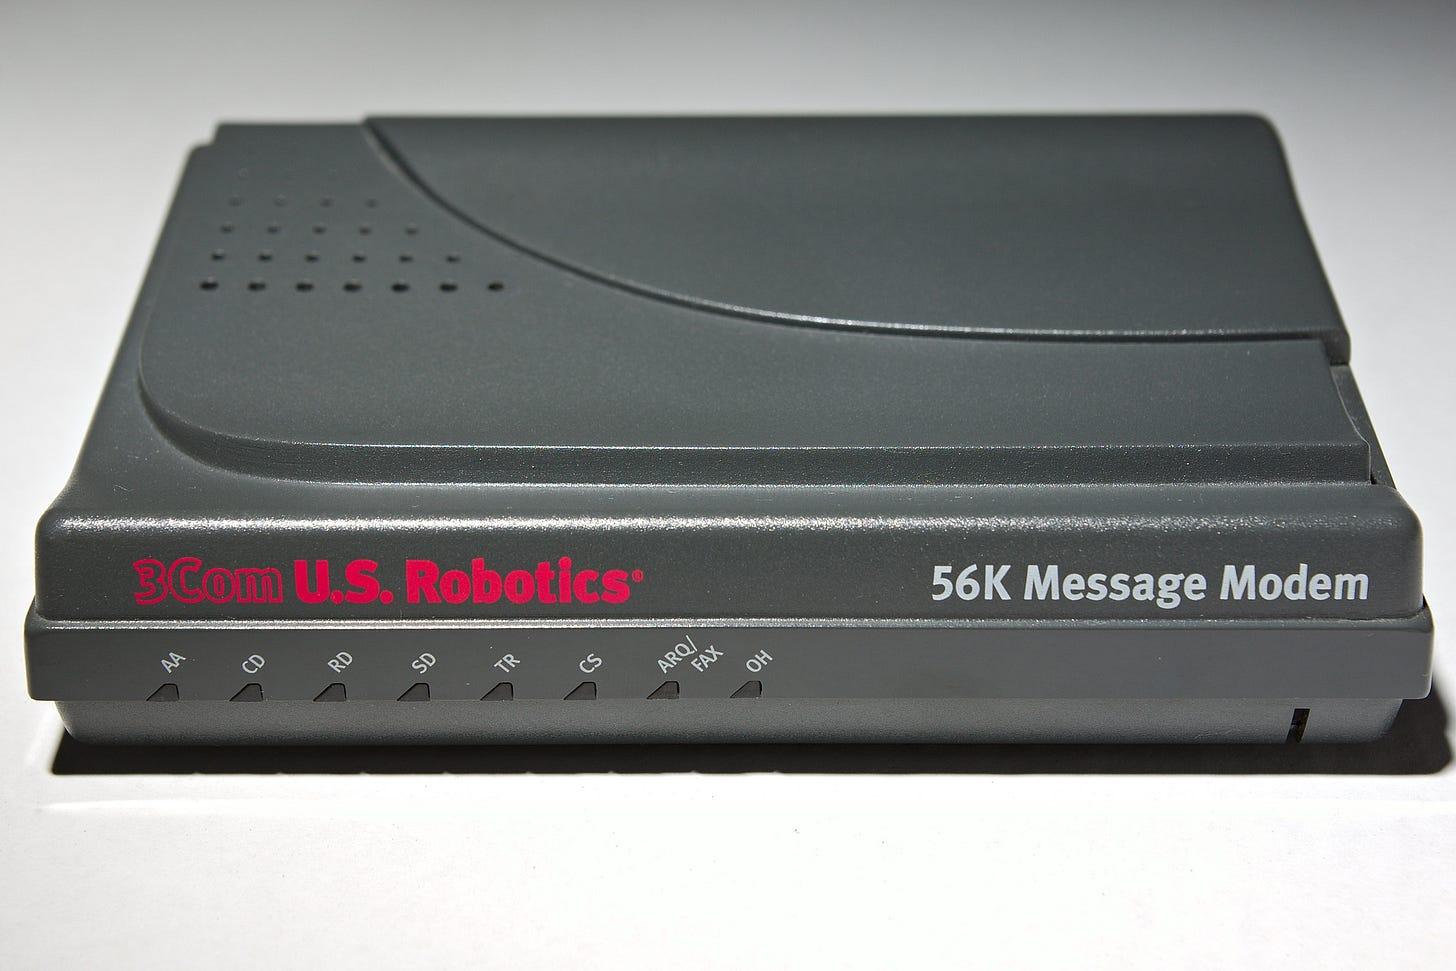 3Com US Robotics 56K Message Modem